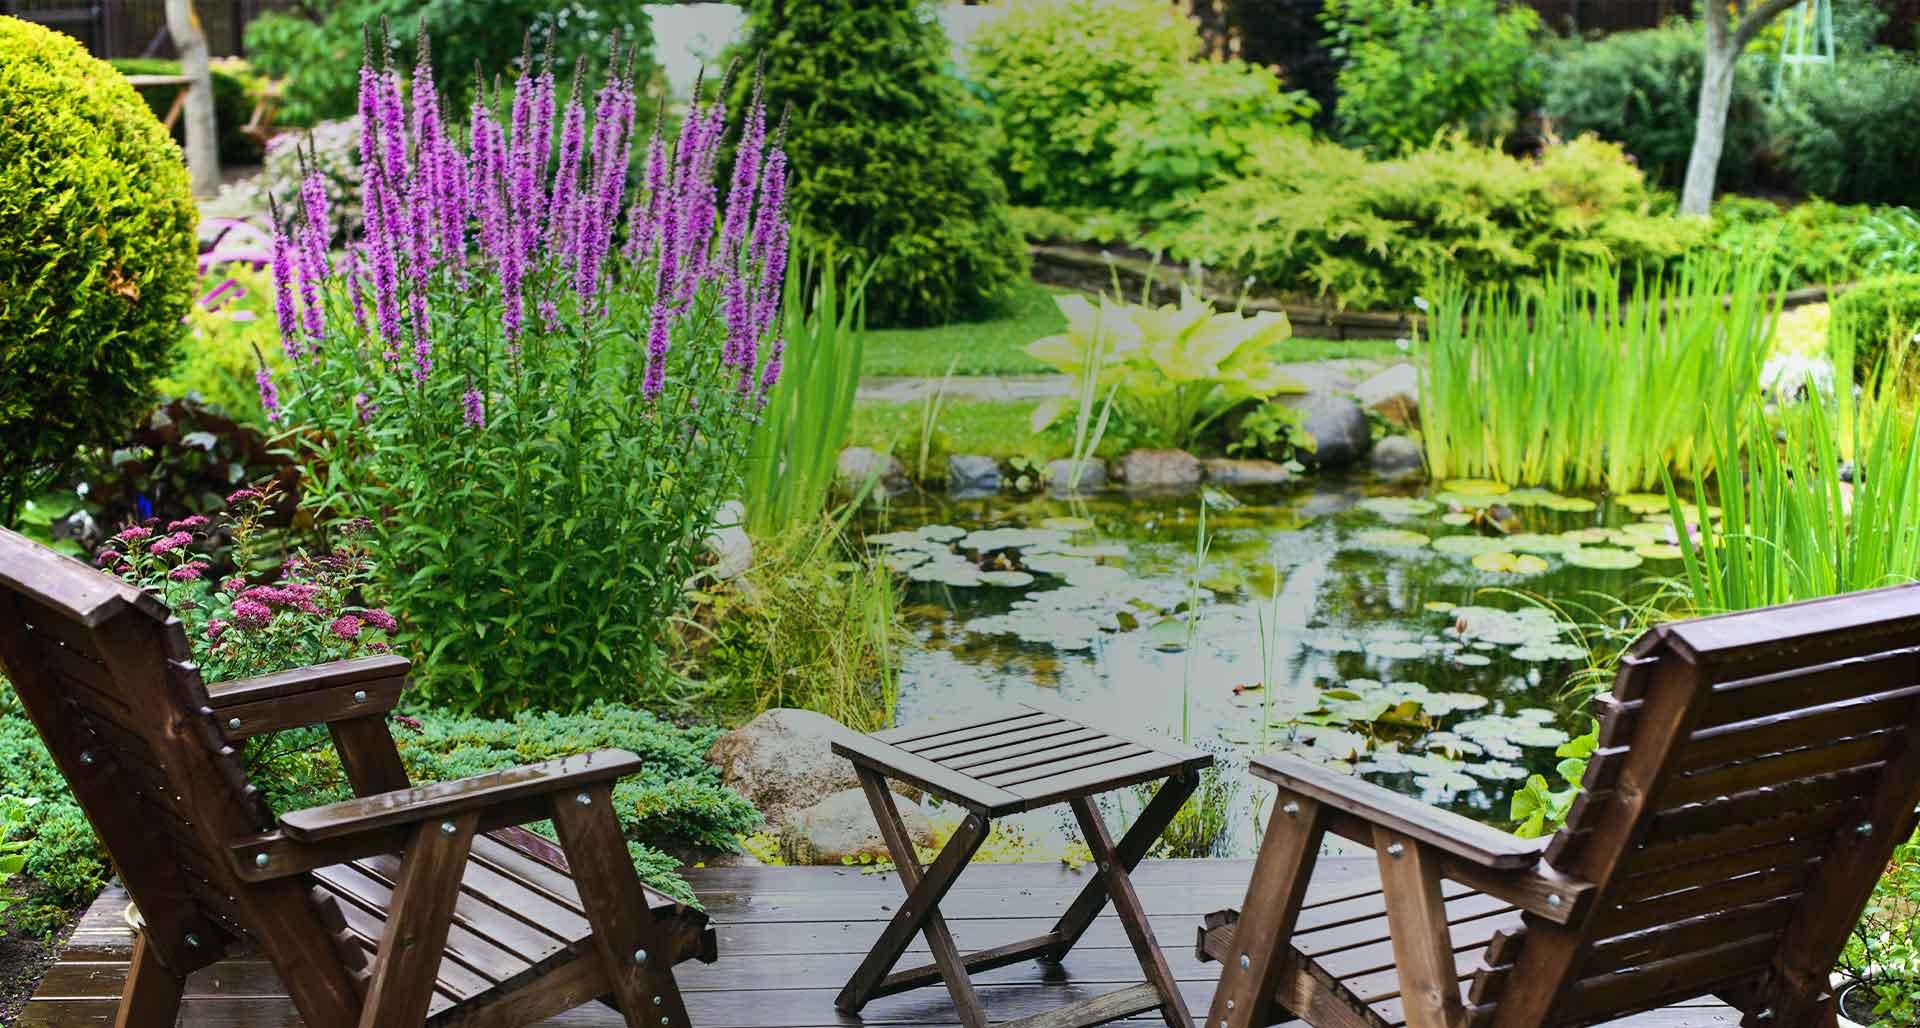 Jardineries Truffaut : Spécialiste Jardin, Animaux, Maison ... concernant Objets Decoration Jardin Exterieur